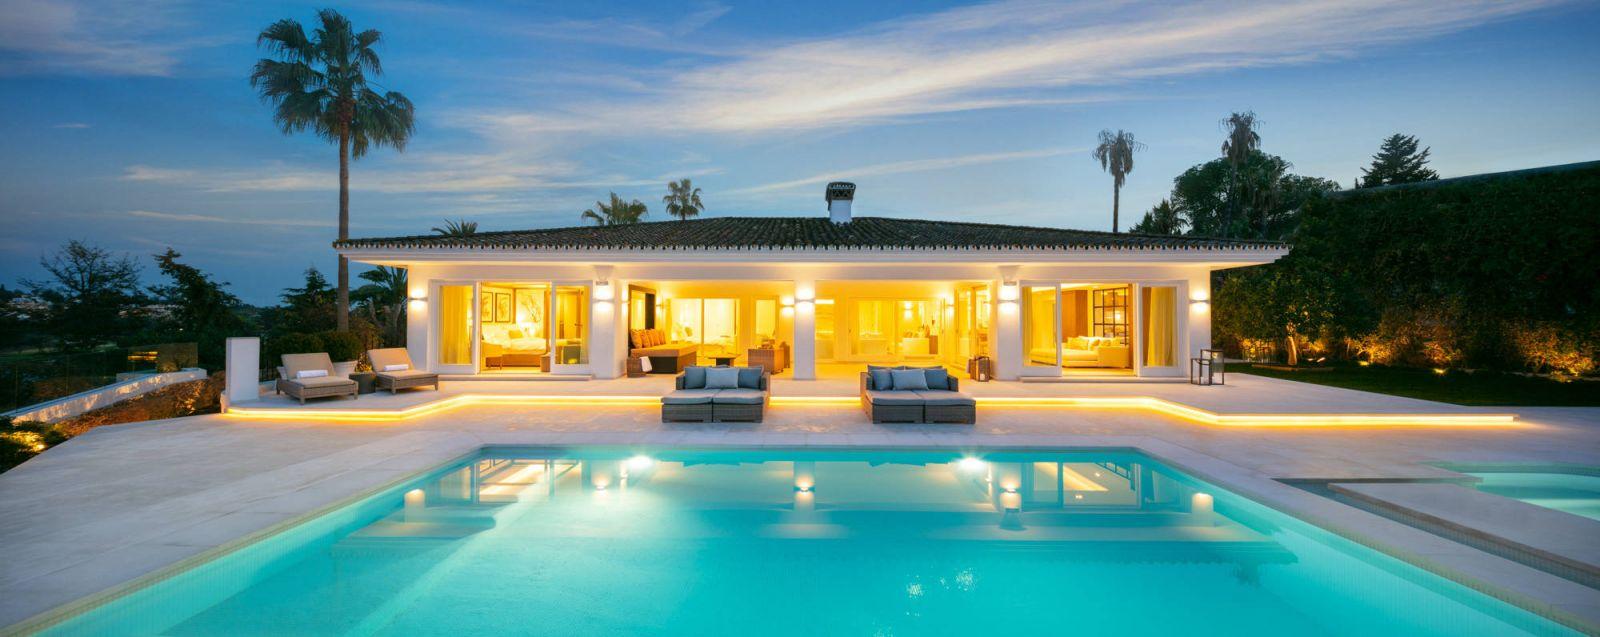 Villa Christina Nueva Andalucia Your Move Spain